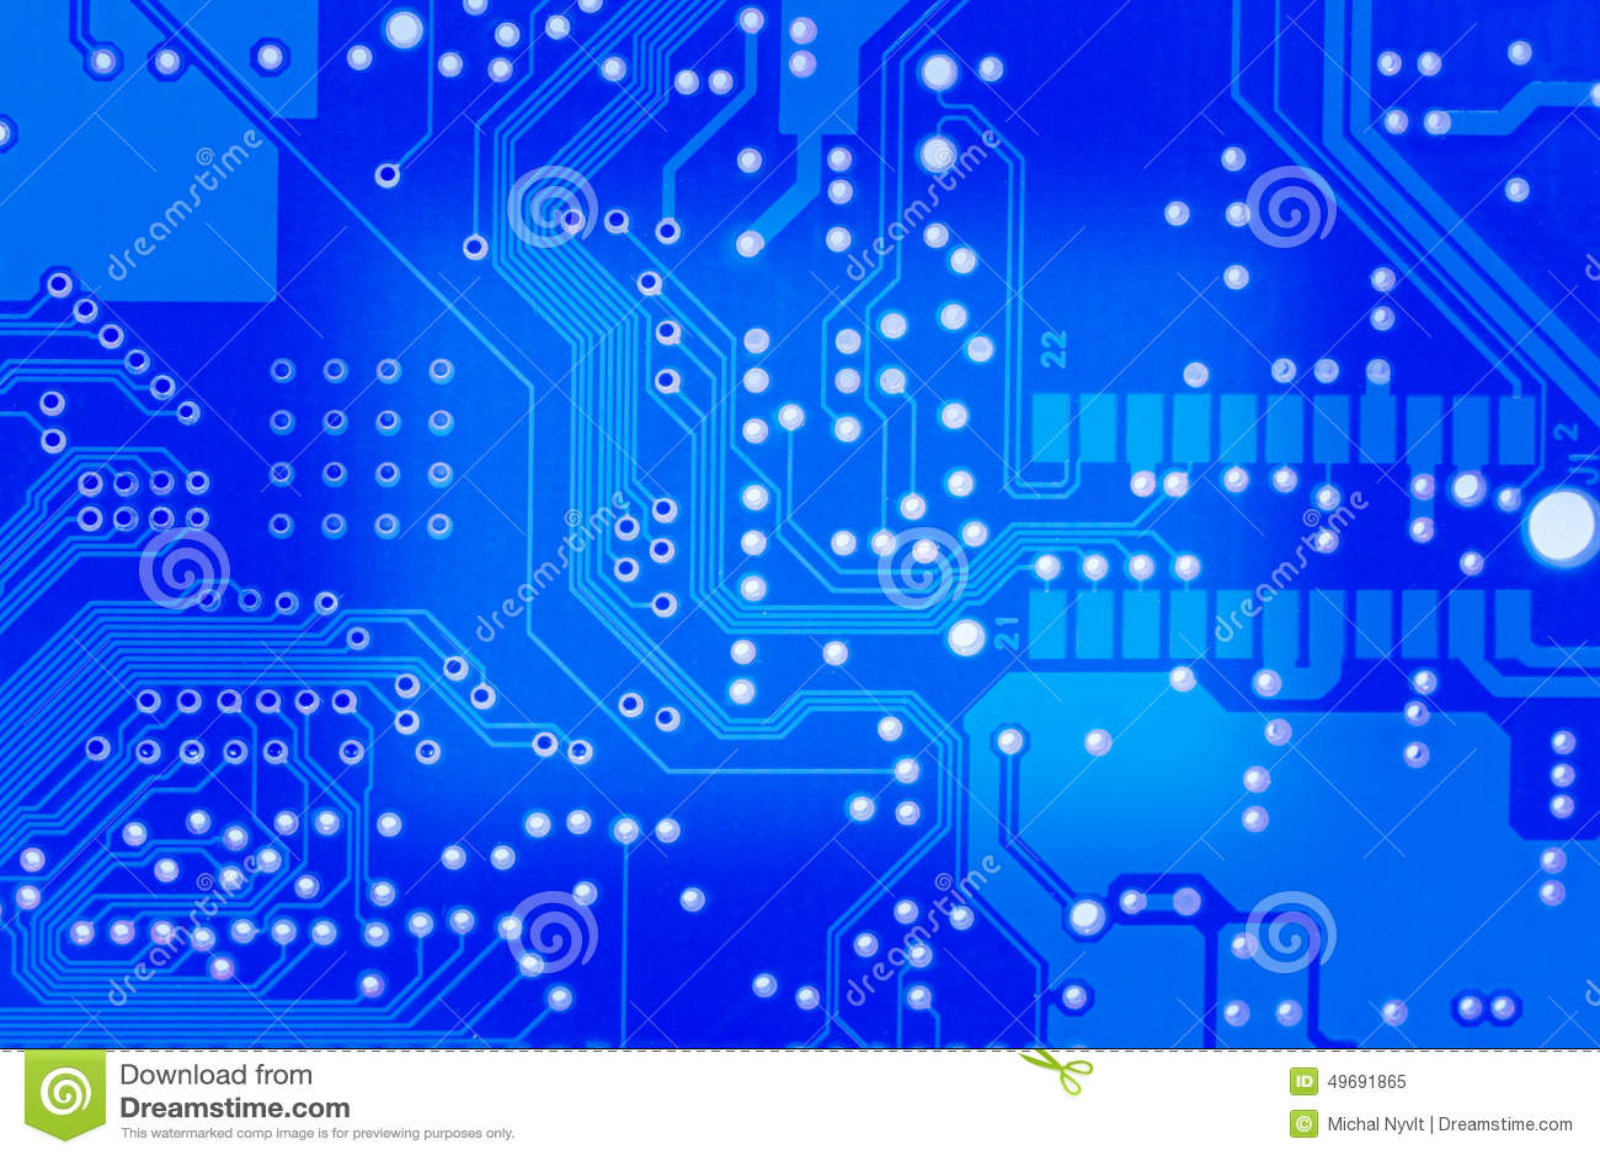 Fantastisch Blaue Drahtkommunikationen Galerie - Elektrische ...